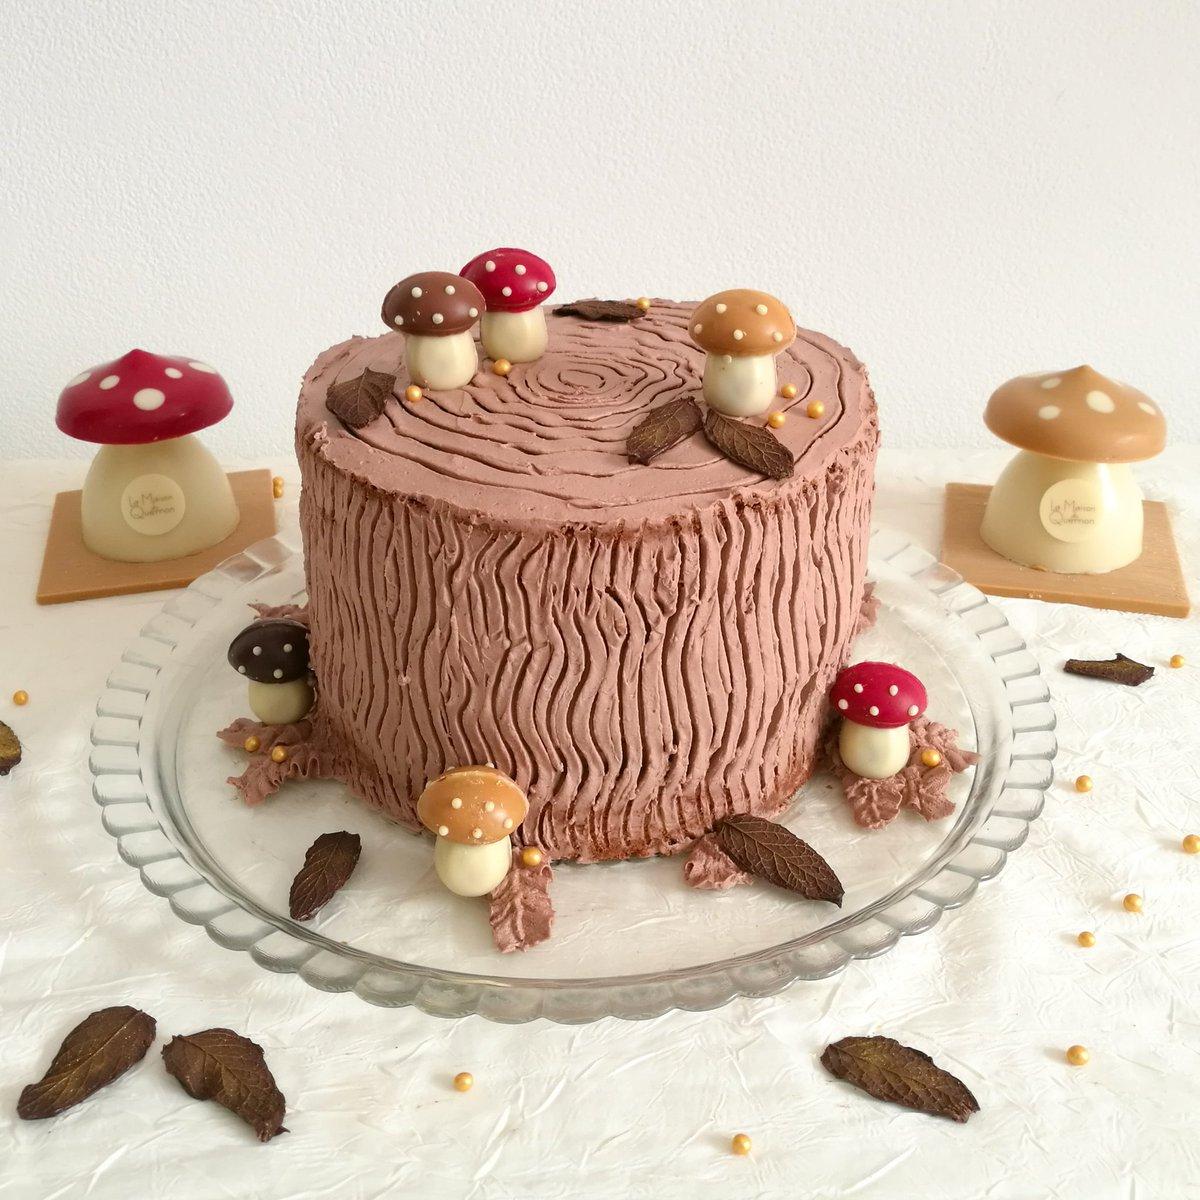 Mon gâteau trompe-l'œil d'automne avec les jolis 🍄 de La @MaisonDuQuernon 🍂  Bon week-end à toutes et à tous ❤ #angers #chocolat #recette #automne #faitmaison https://t.co/oA7kp9YdIM